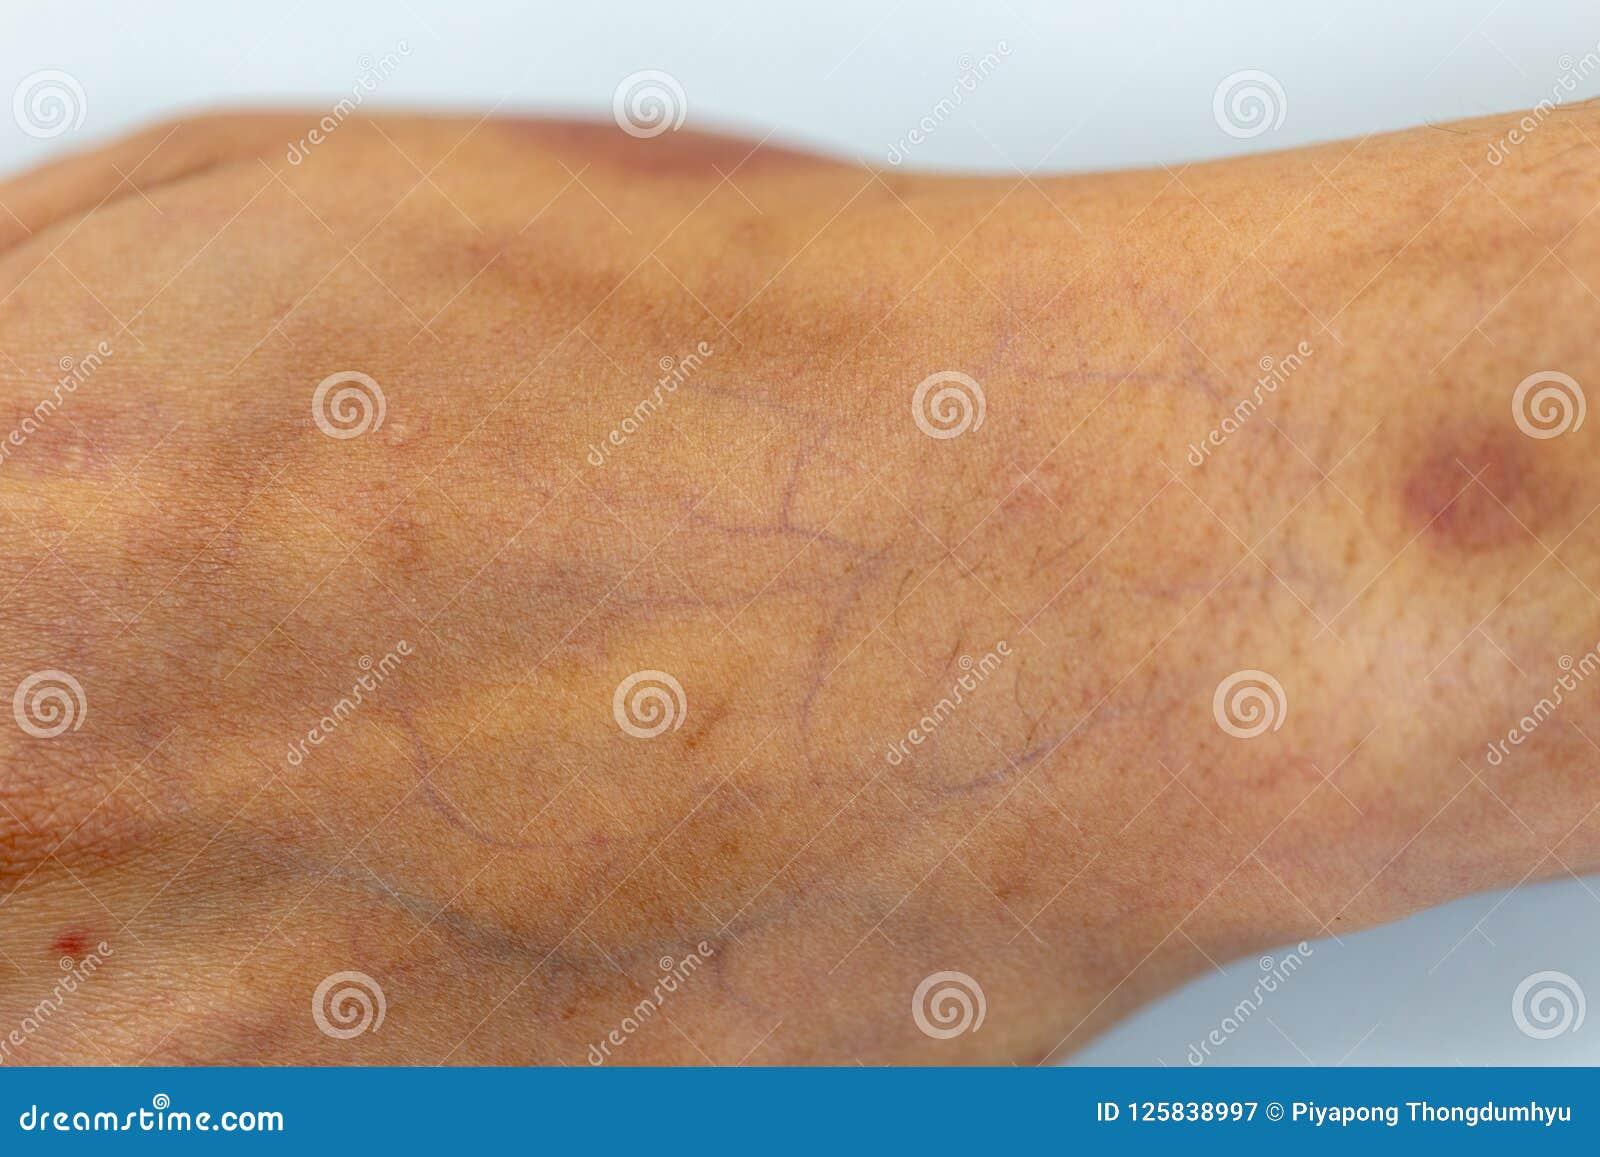 Una comprobación del tejido, nervios, tendones as mano